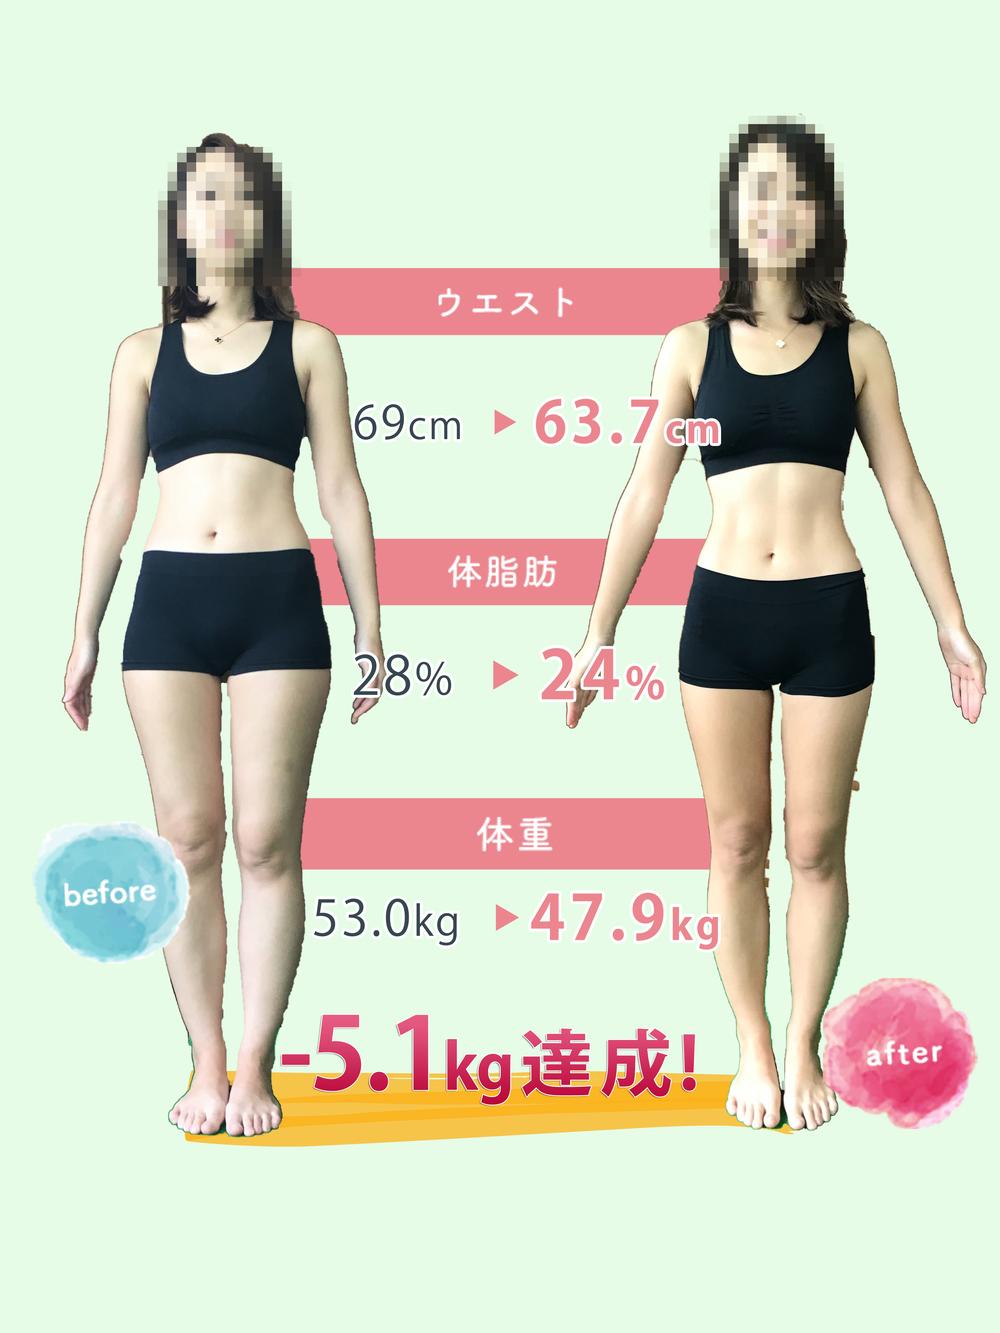 高橋美樹さん-13.6kg痩せた姿